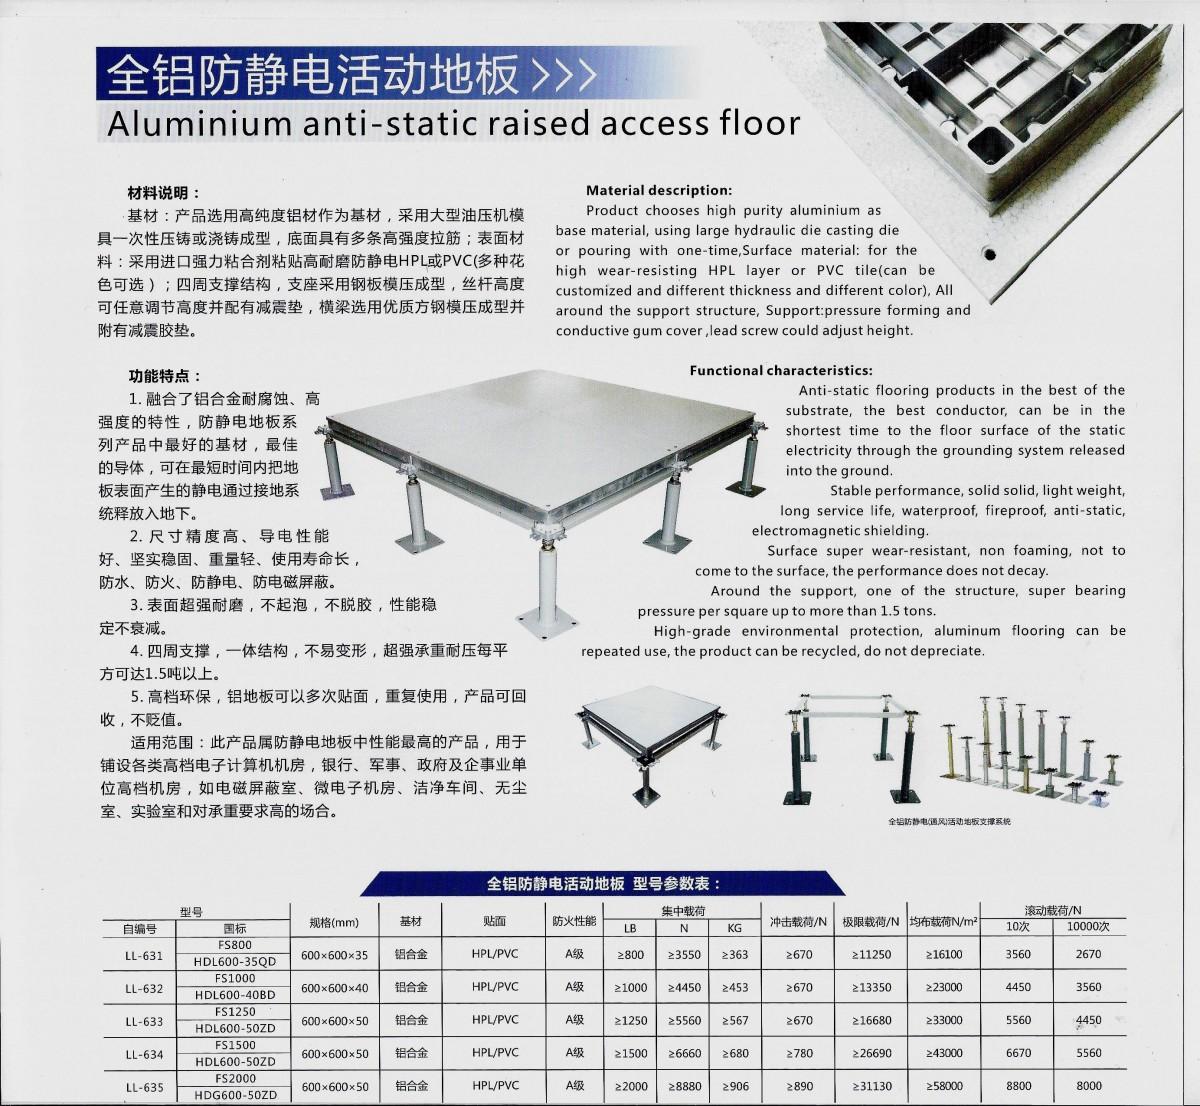 全鋁防靜電活動地板